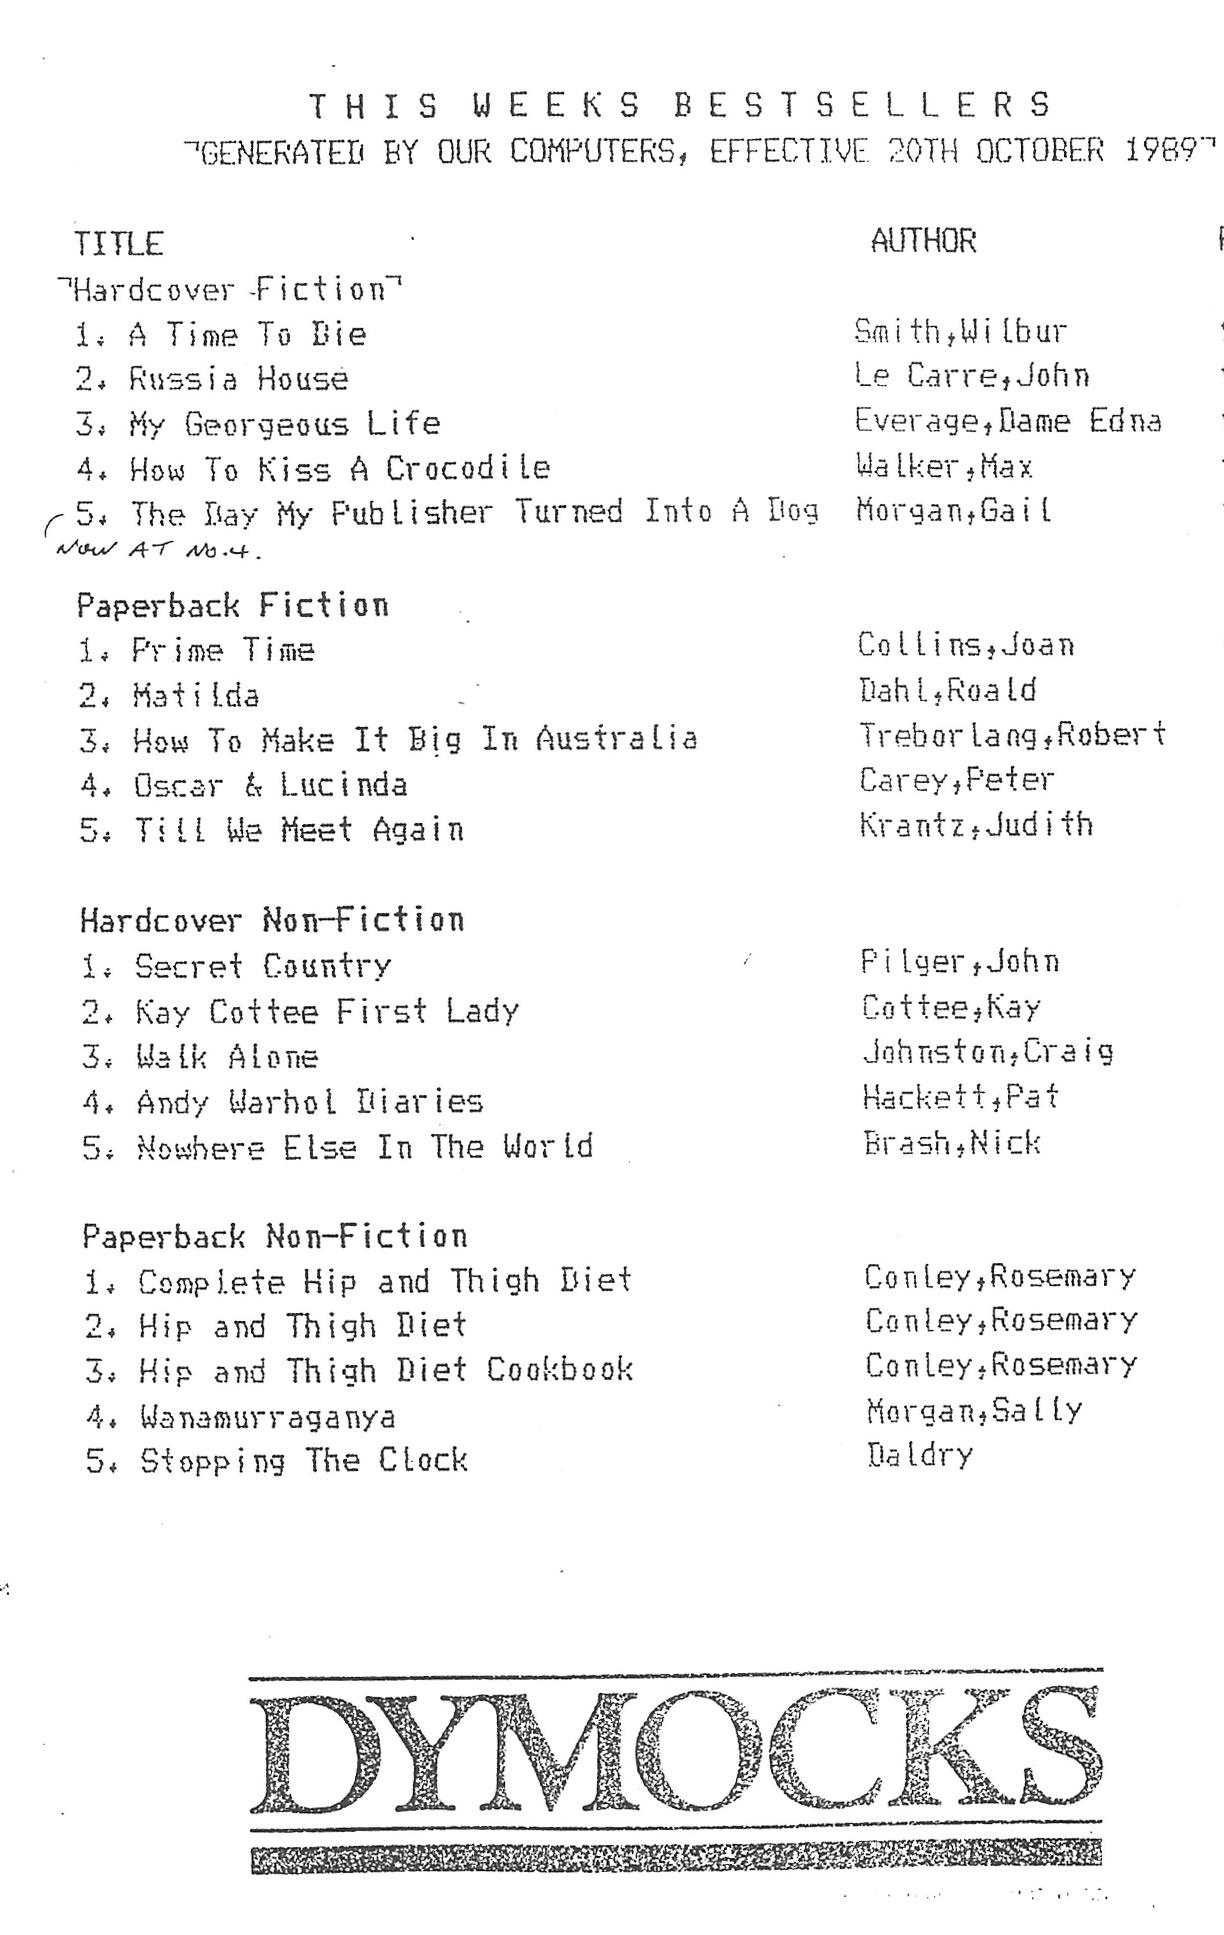 Dymocks Bestseller List